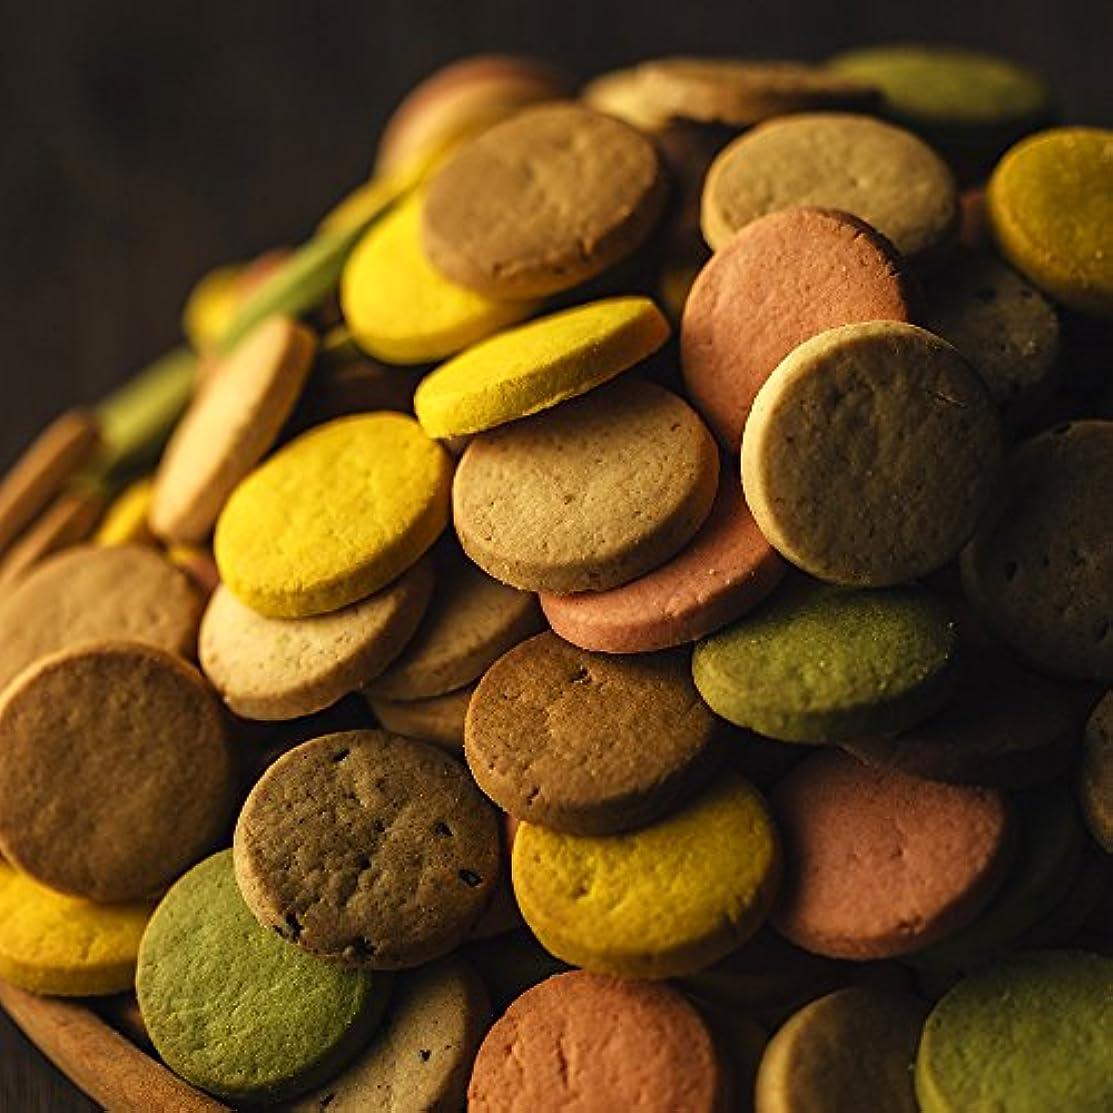 吸収する定数前豆乳おからクッキー蒟蒻マンナン入り 1kg